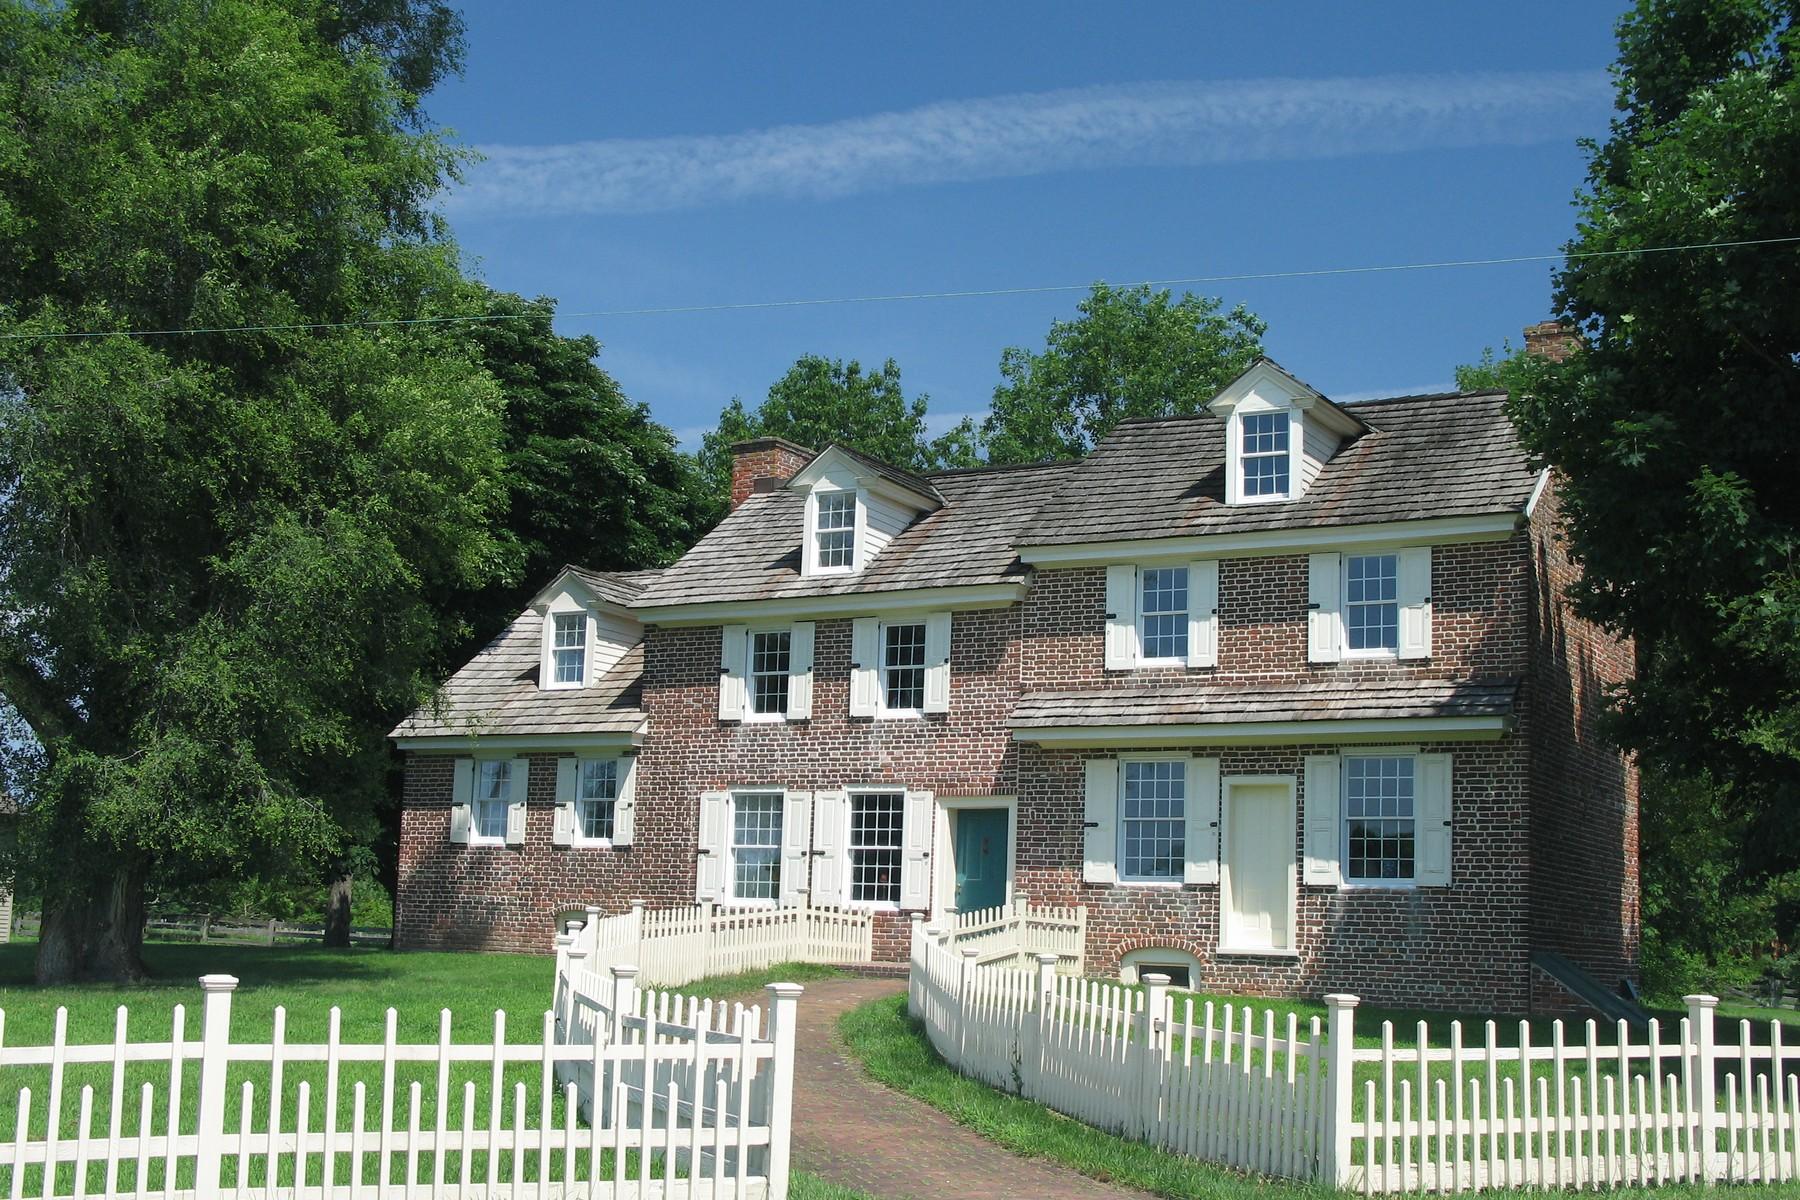 Частный односемейный дом для того Продажа на Neptune Farm 723 Harmersville Canton Road Salem, 08079 Соединенные Штаты